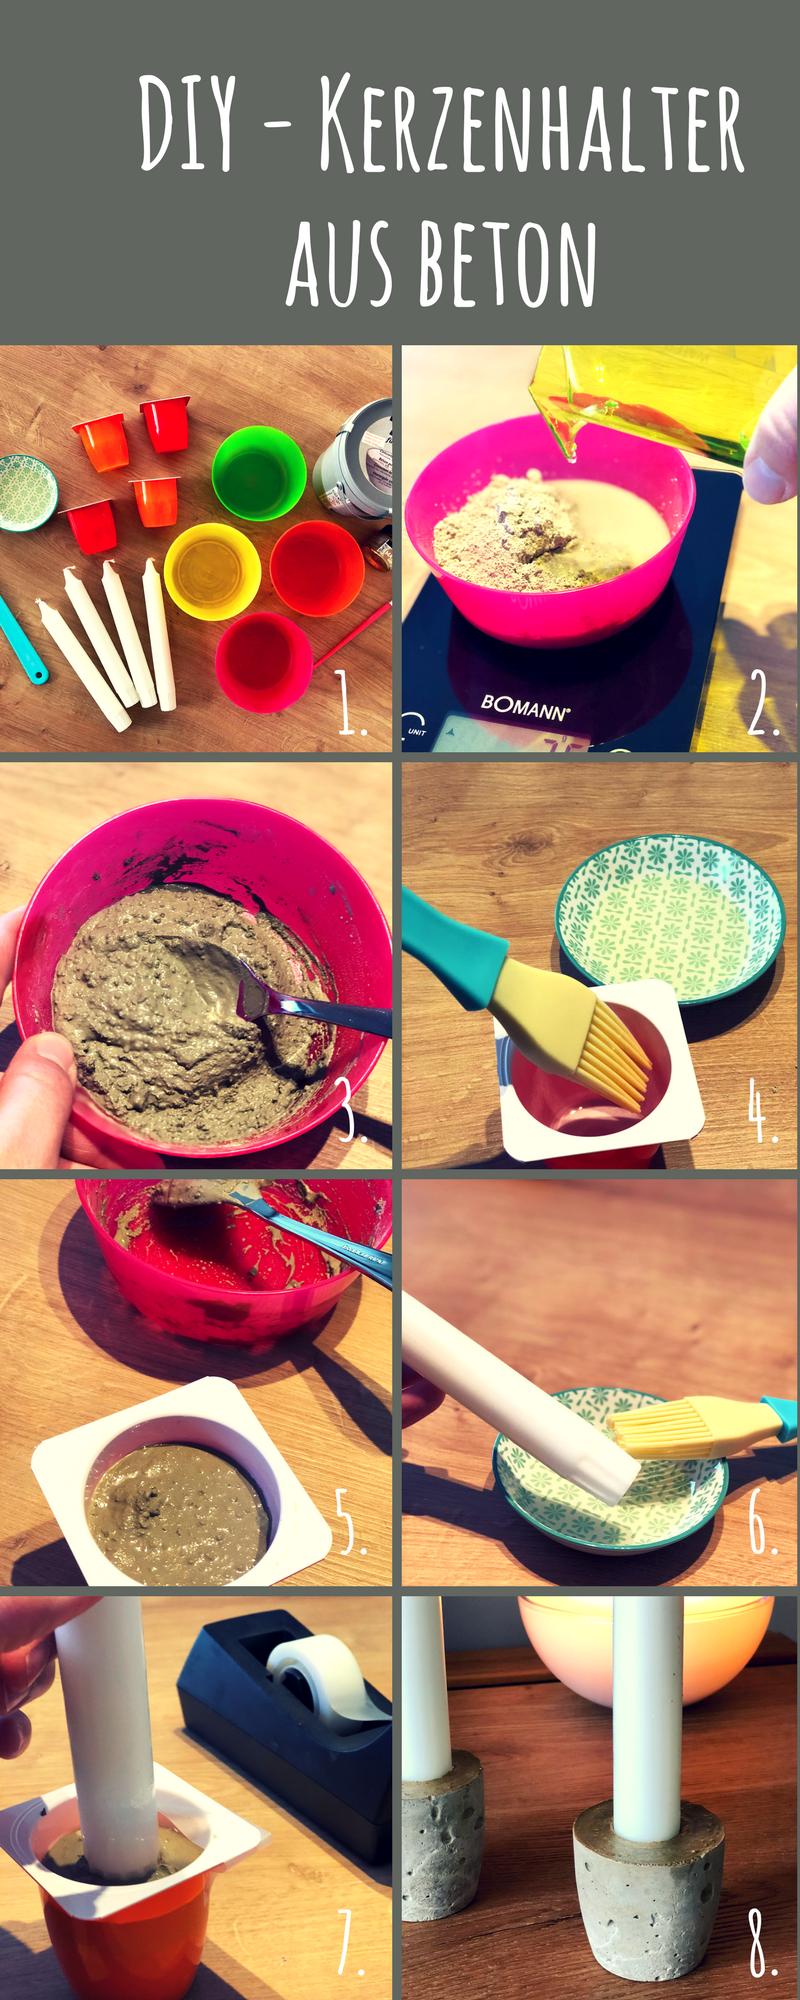 Schüsseln und Kerzenhalter aus Beton - Anleitung und Tipps